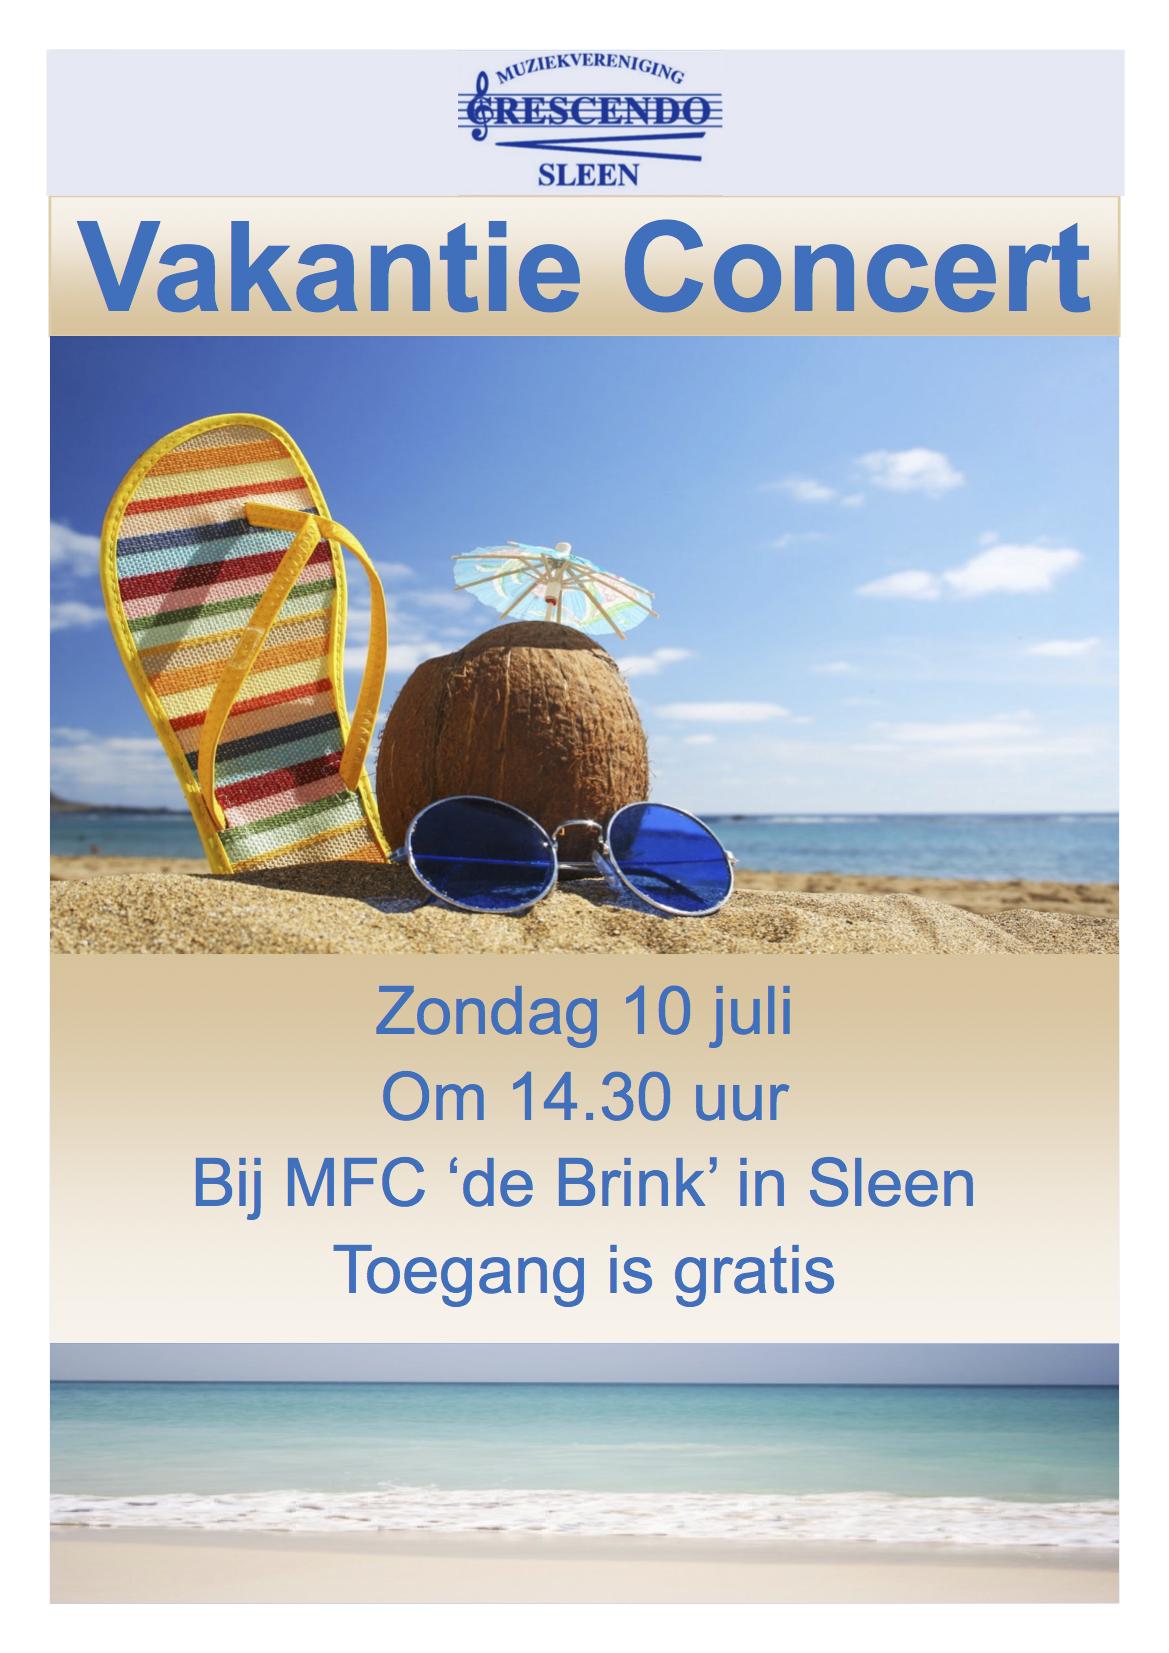 Vakantie Concert PDF 3